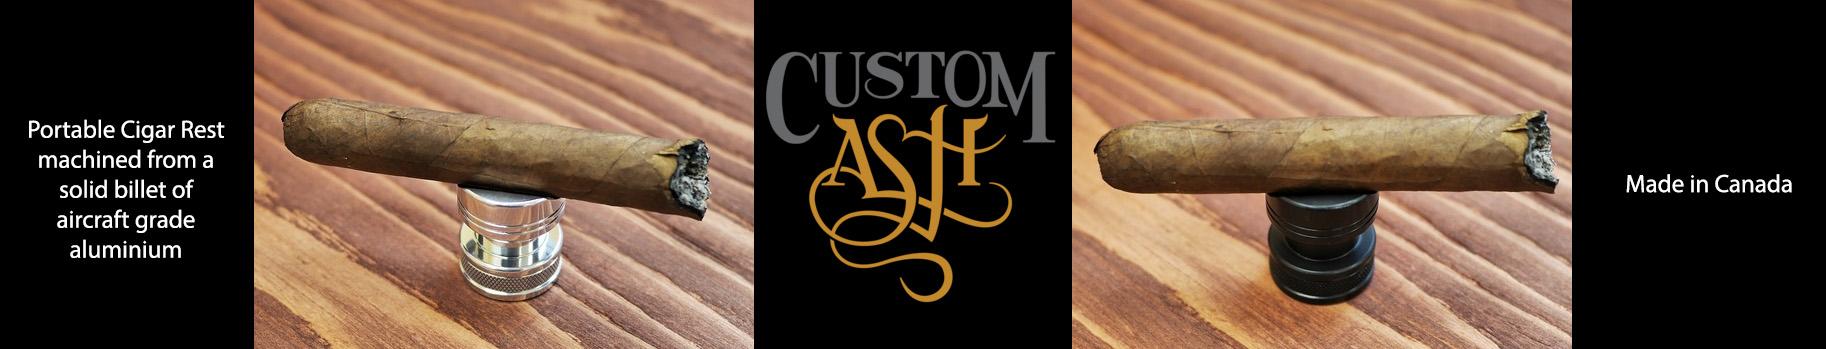 customash1